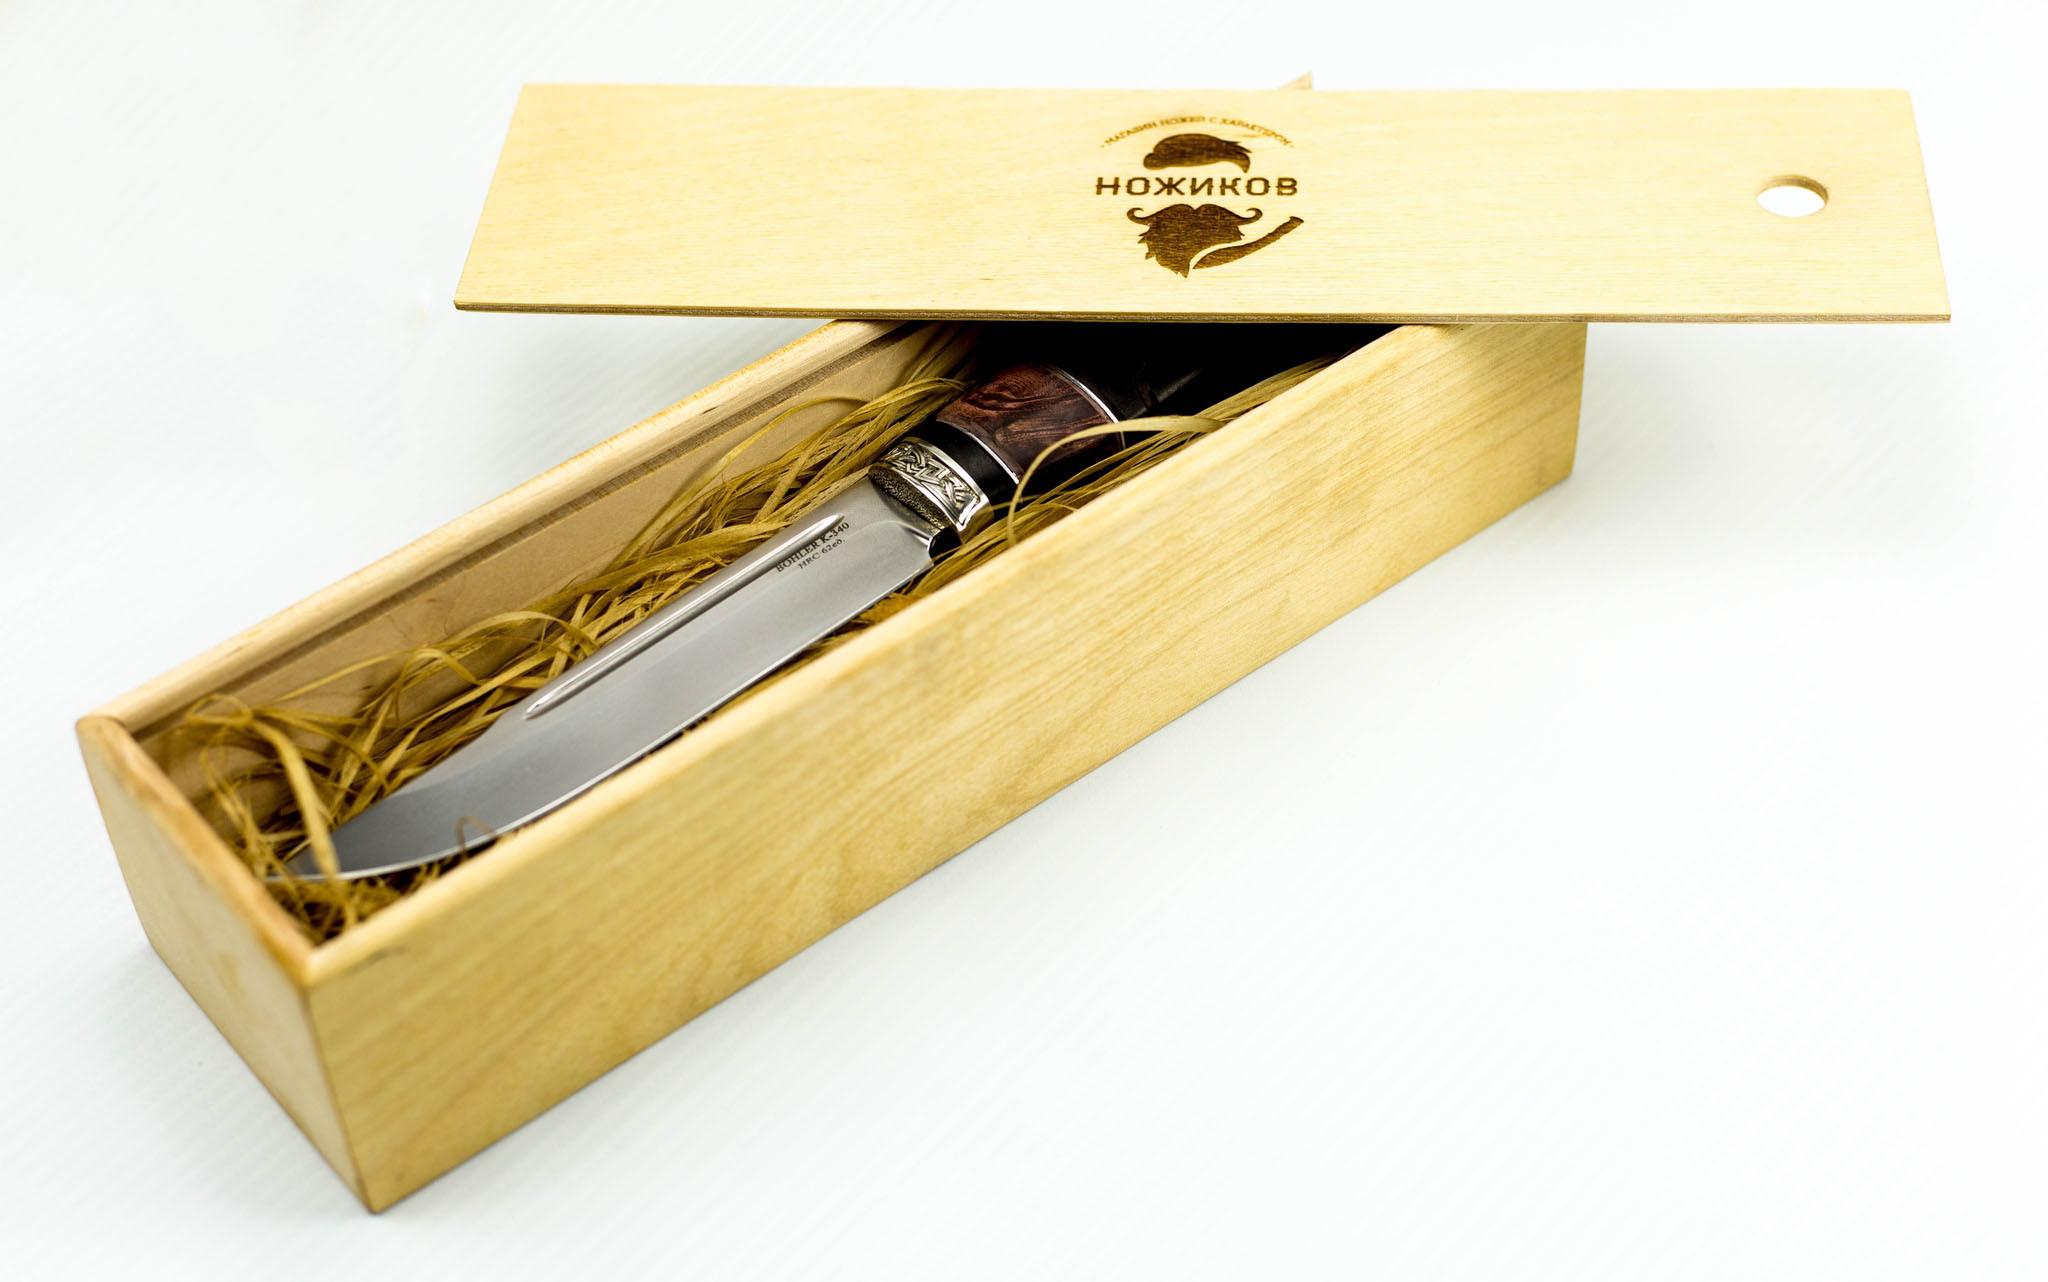 Подарочная коробка для ножей, береза